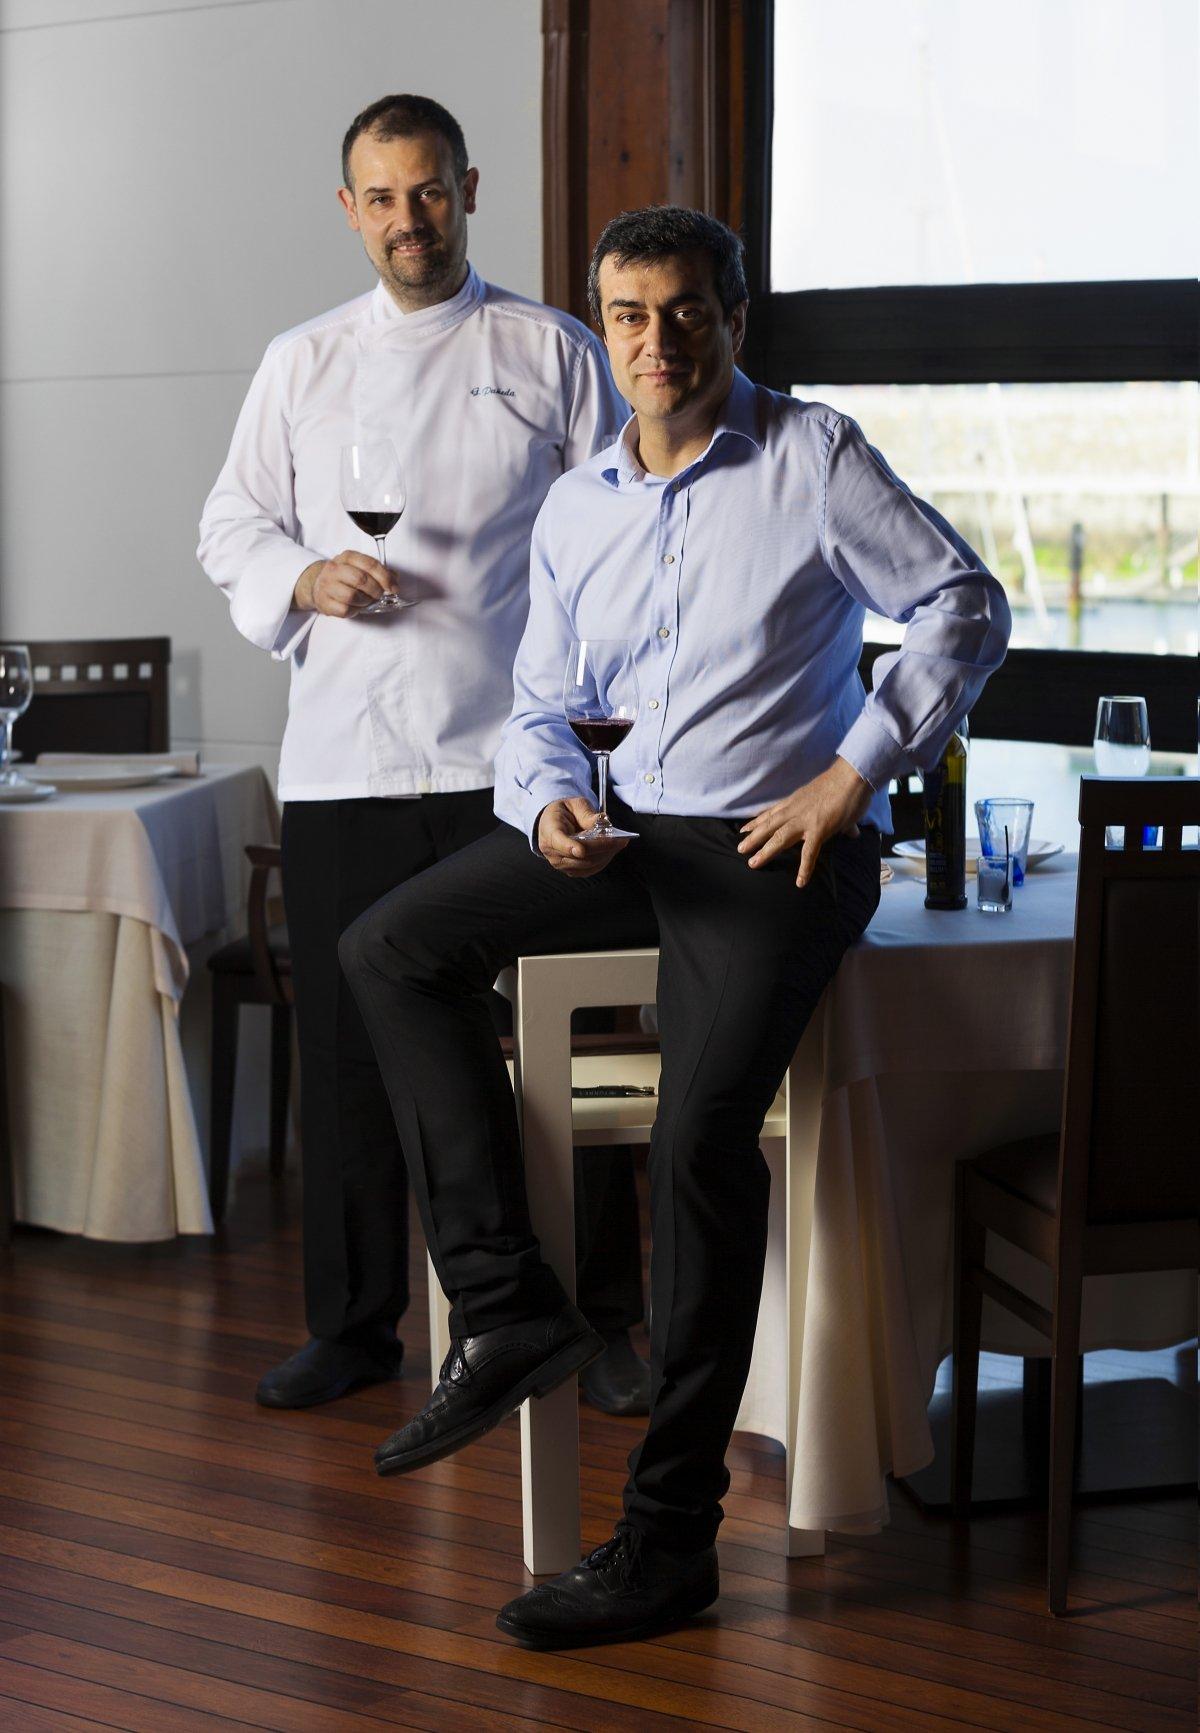 Gonzalo Pañeda y Antonio Pérez en el comedor del restaurante Auga